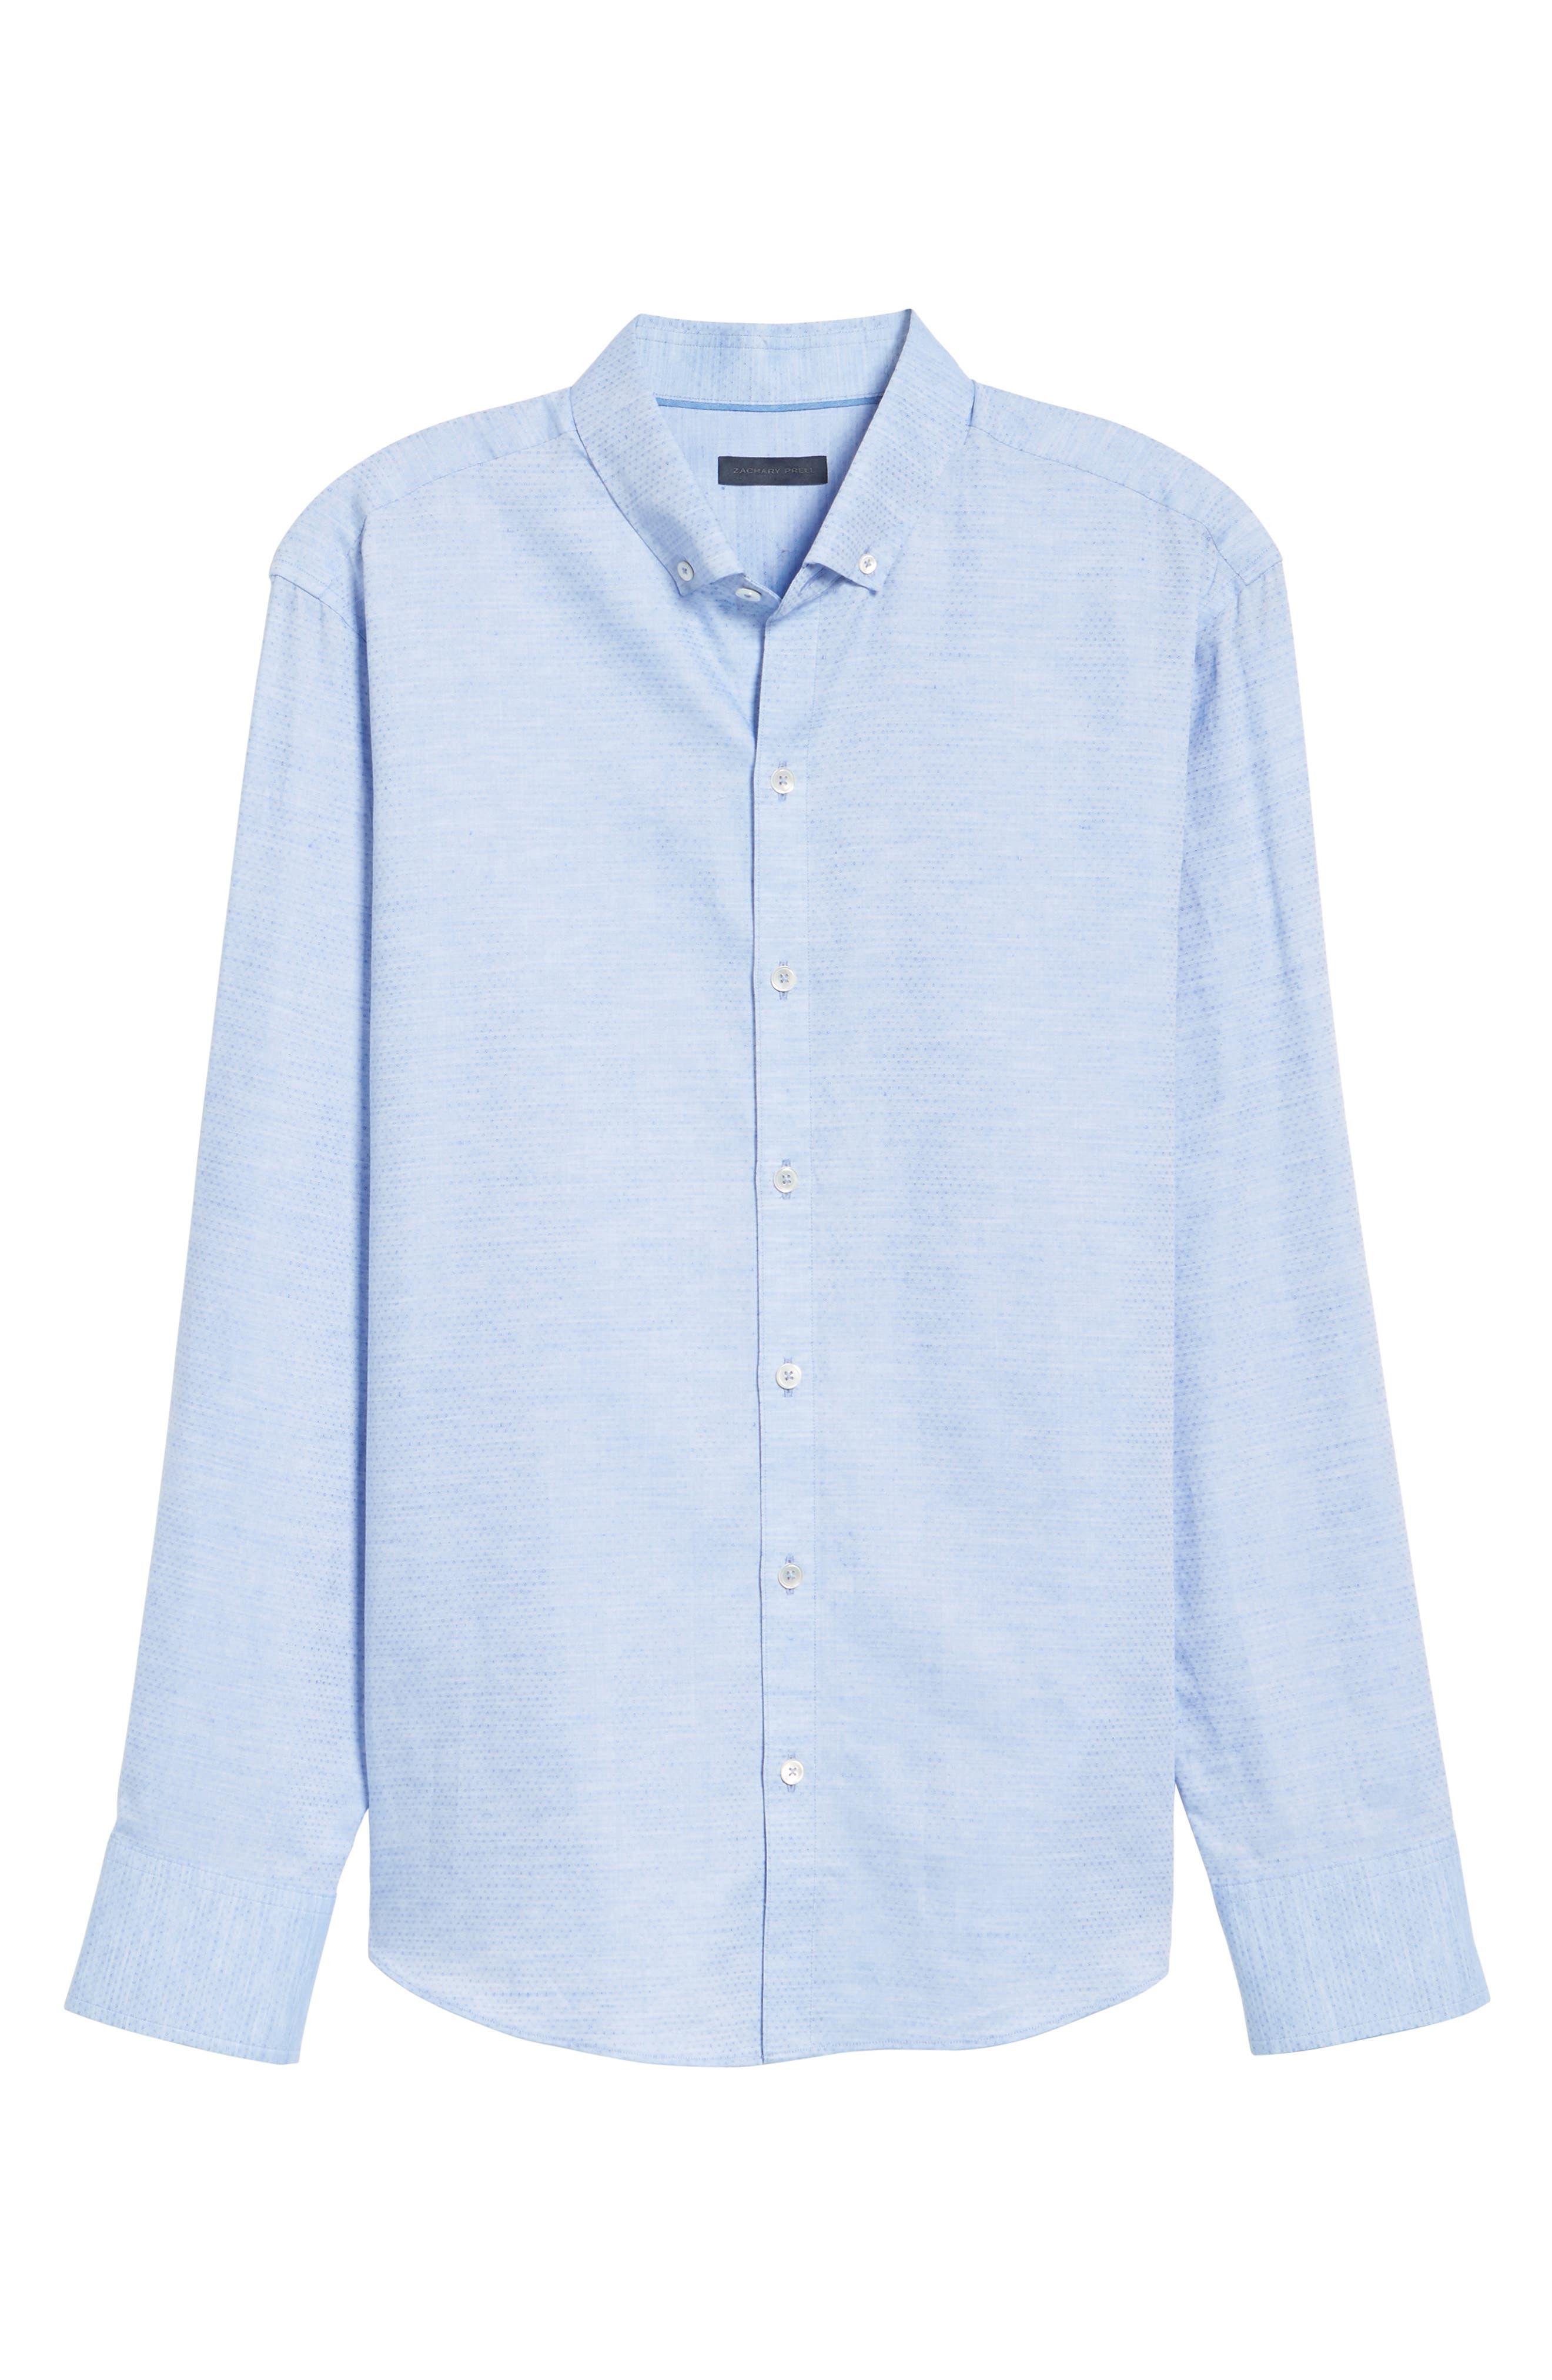 Gomis Regular Fit Dobby Sport Shirt,                             Alternate thumbnail 6, color,                             450